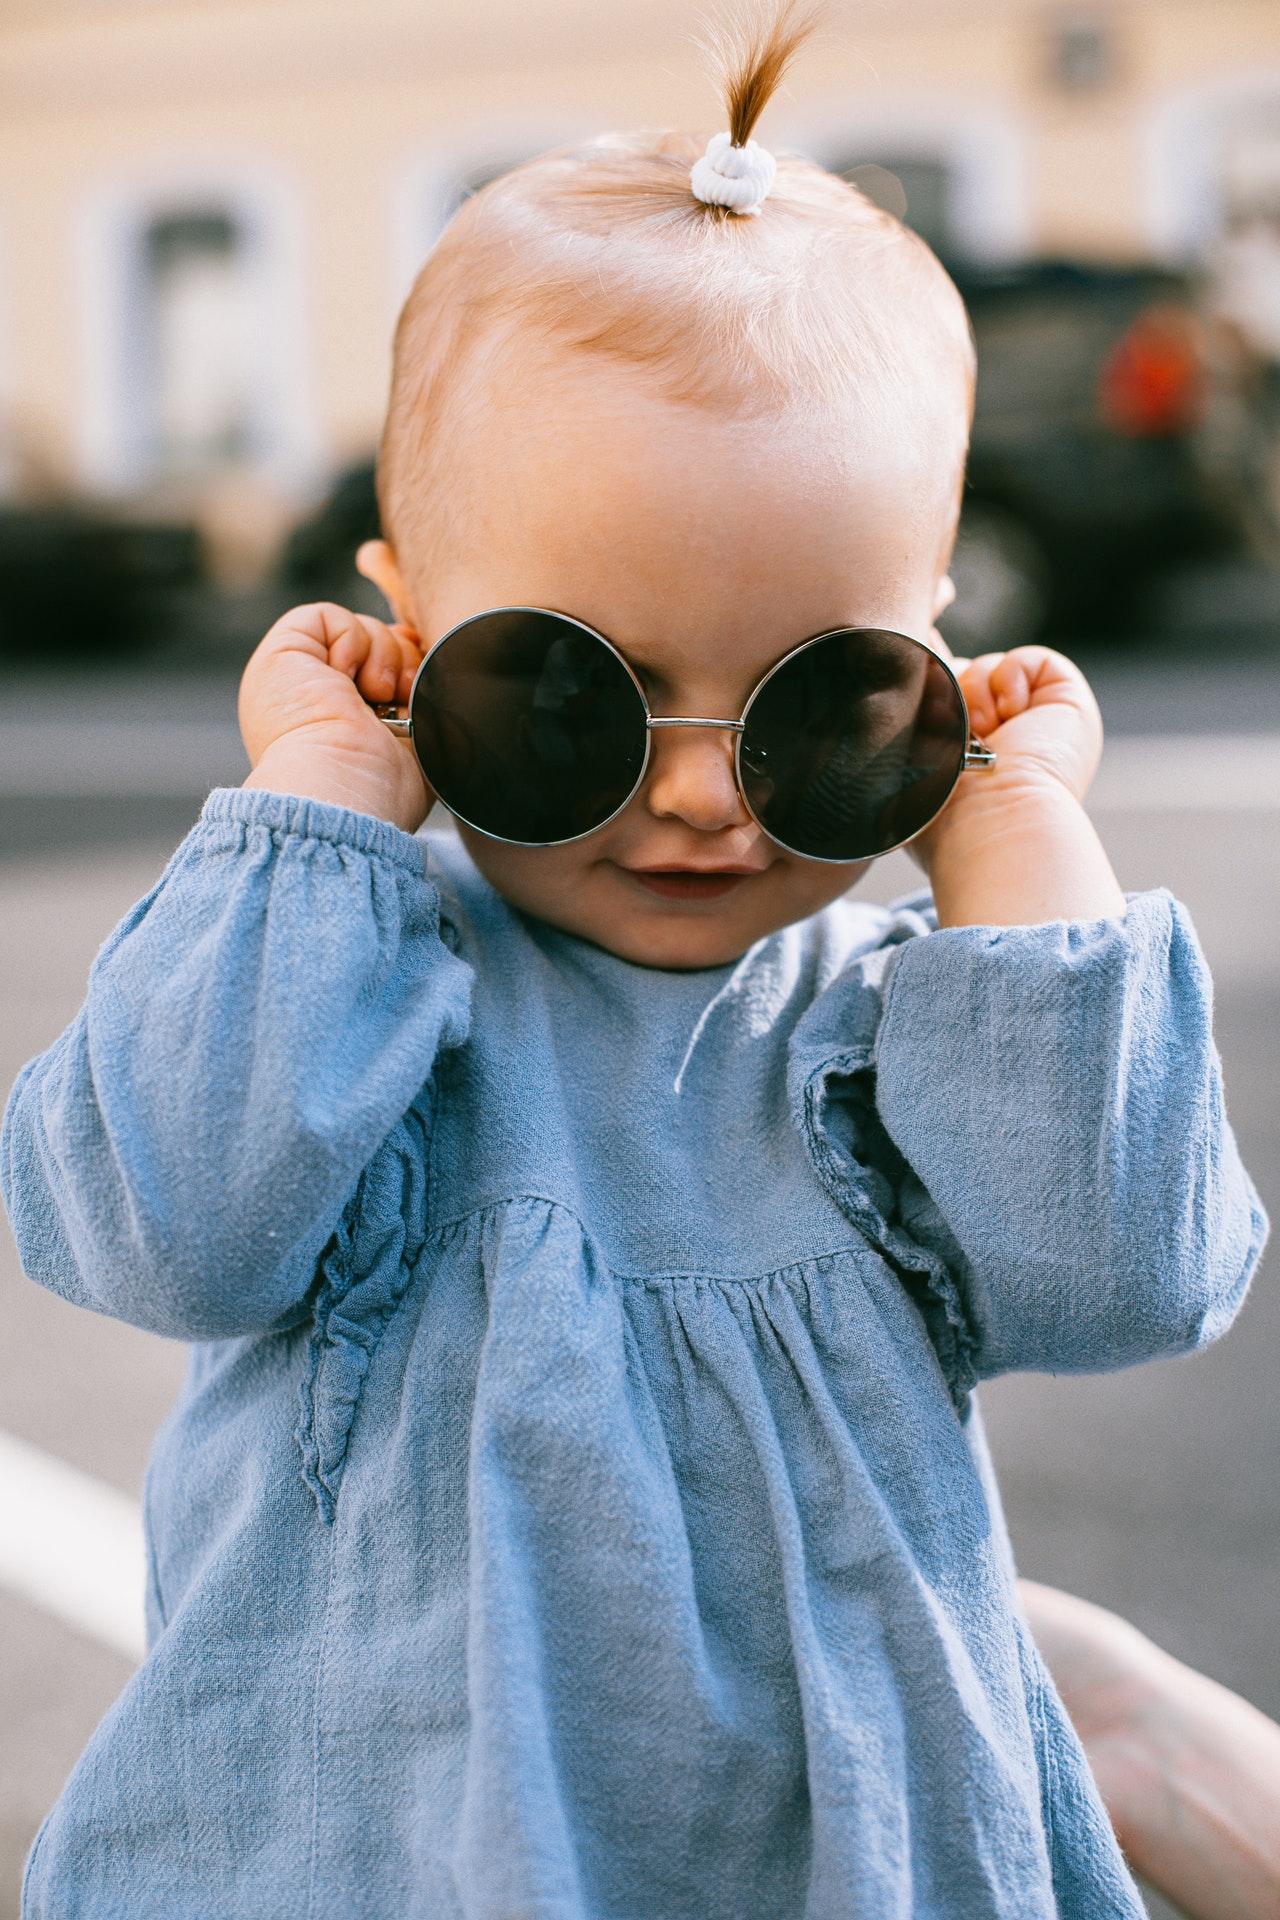 baby wearing round sunglasses